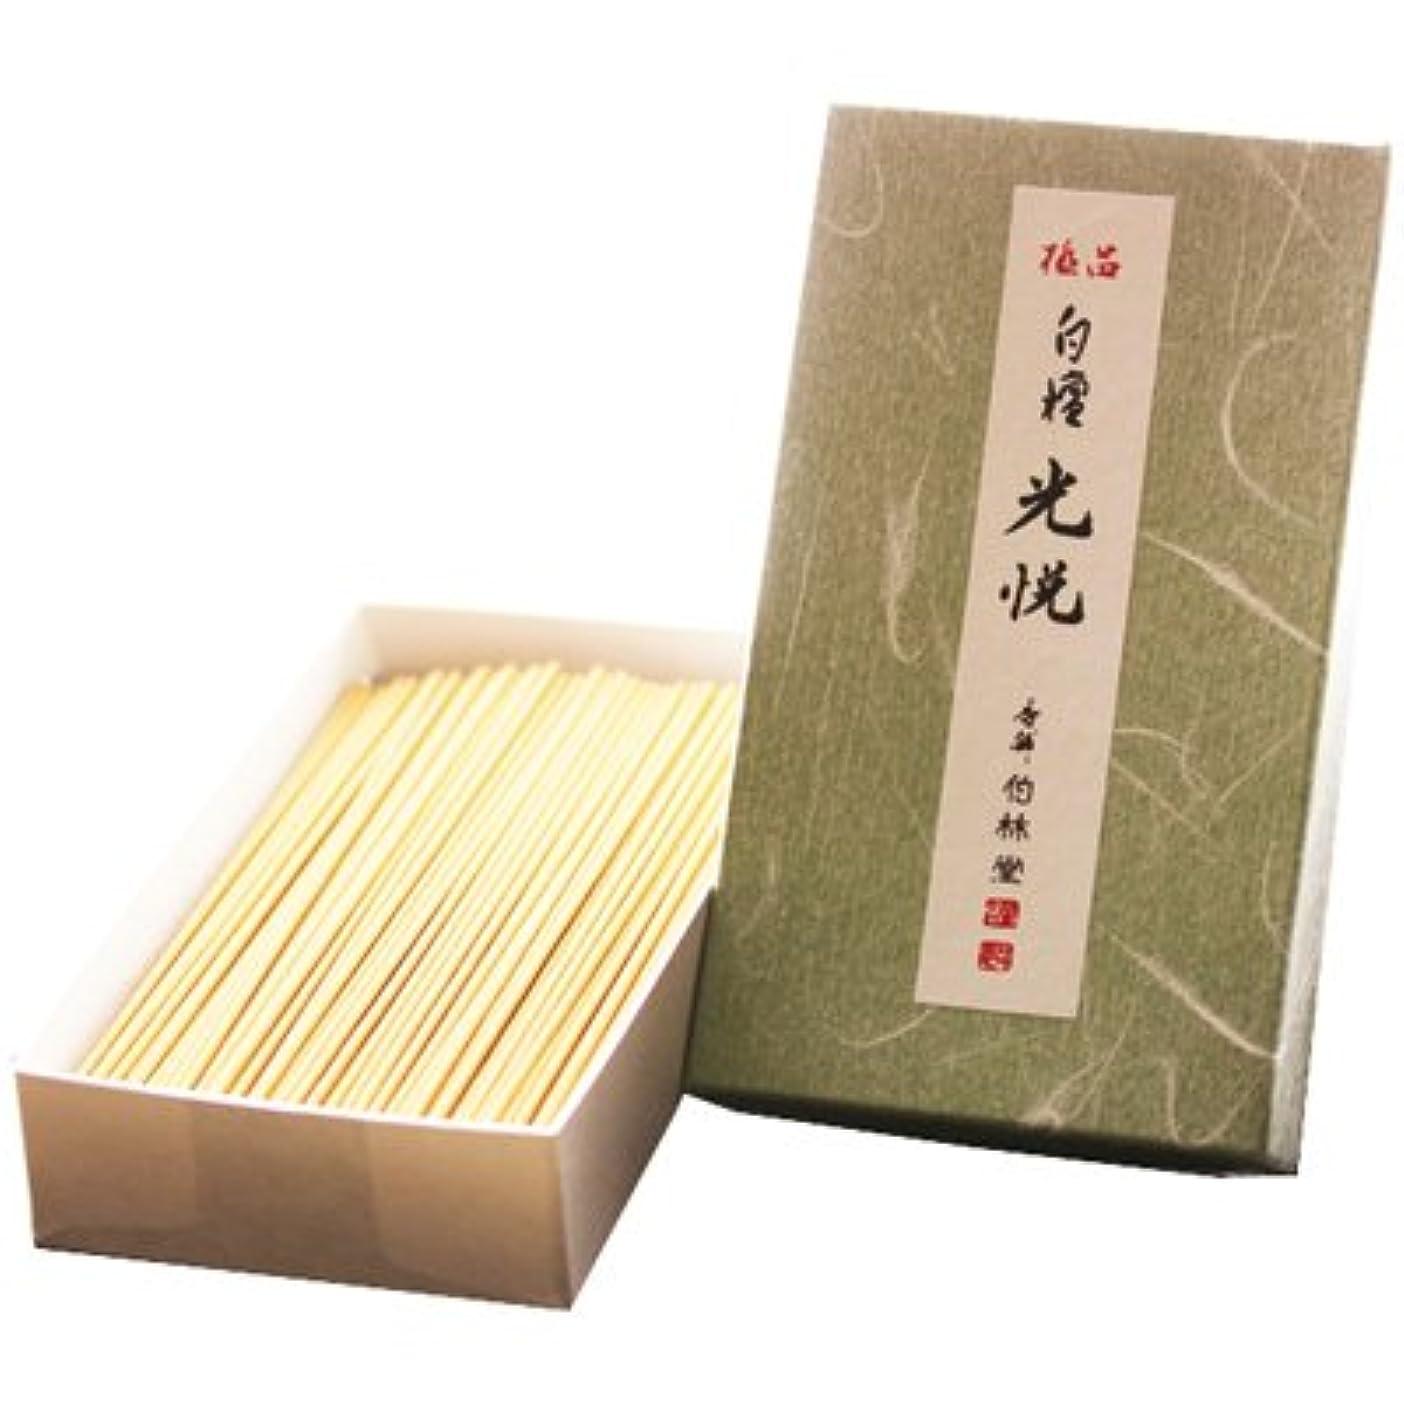 種類交流する適切な極品白檀光悦(大箱) お線香